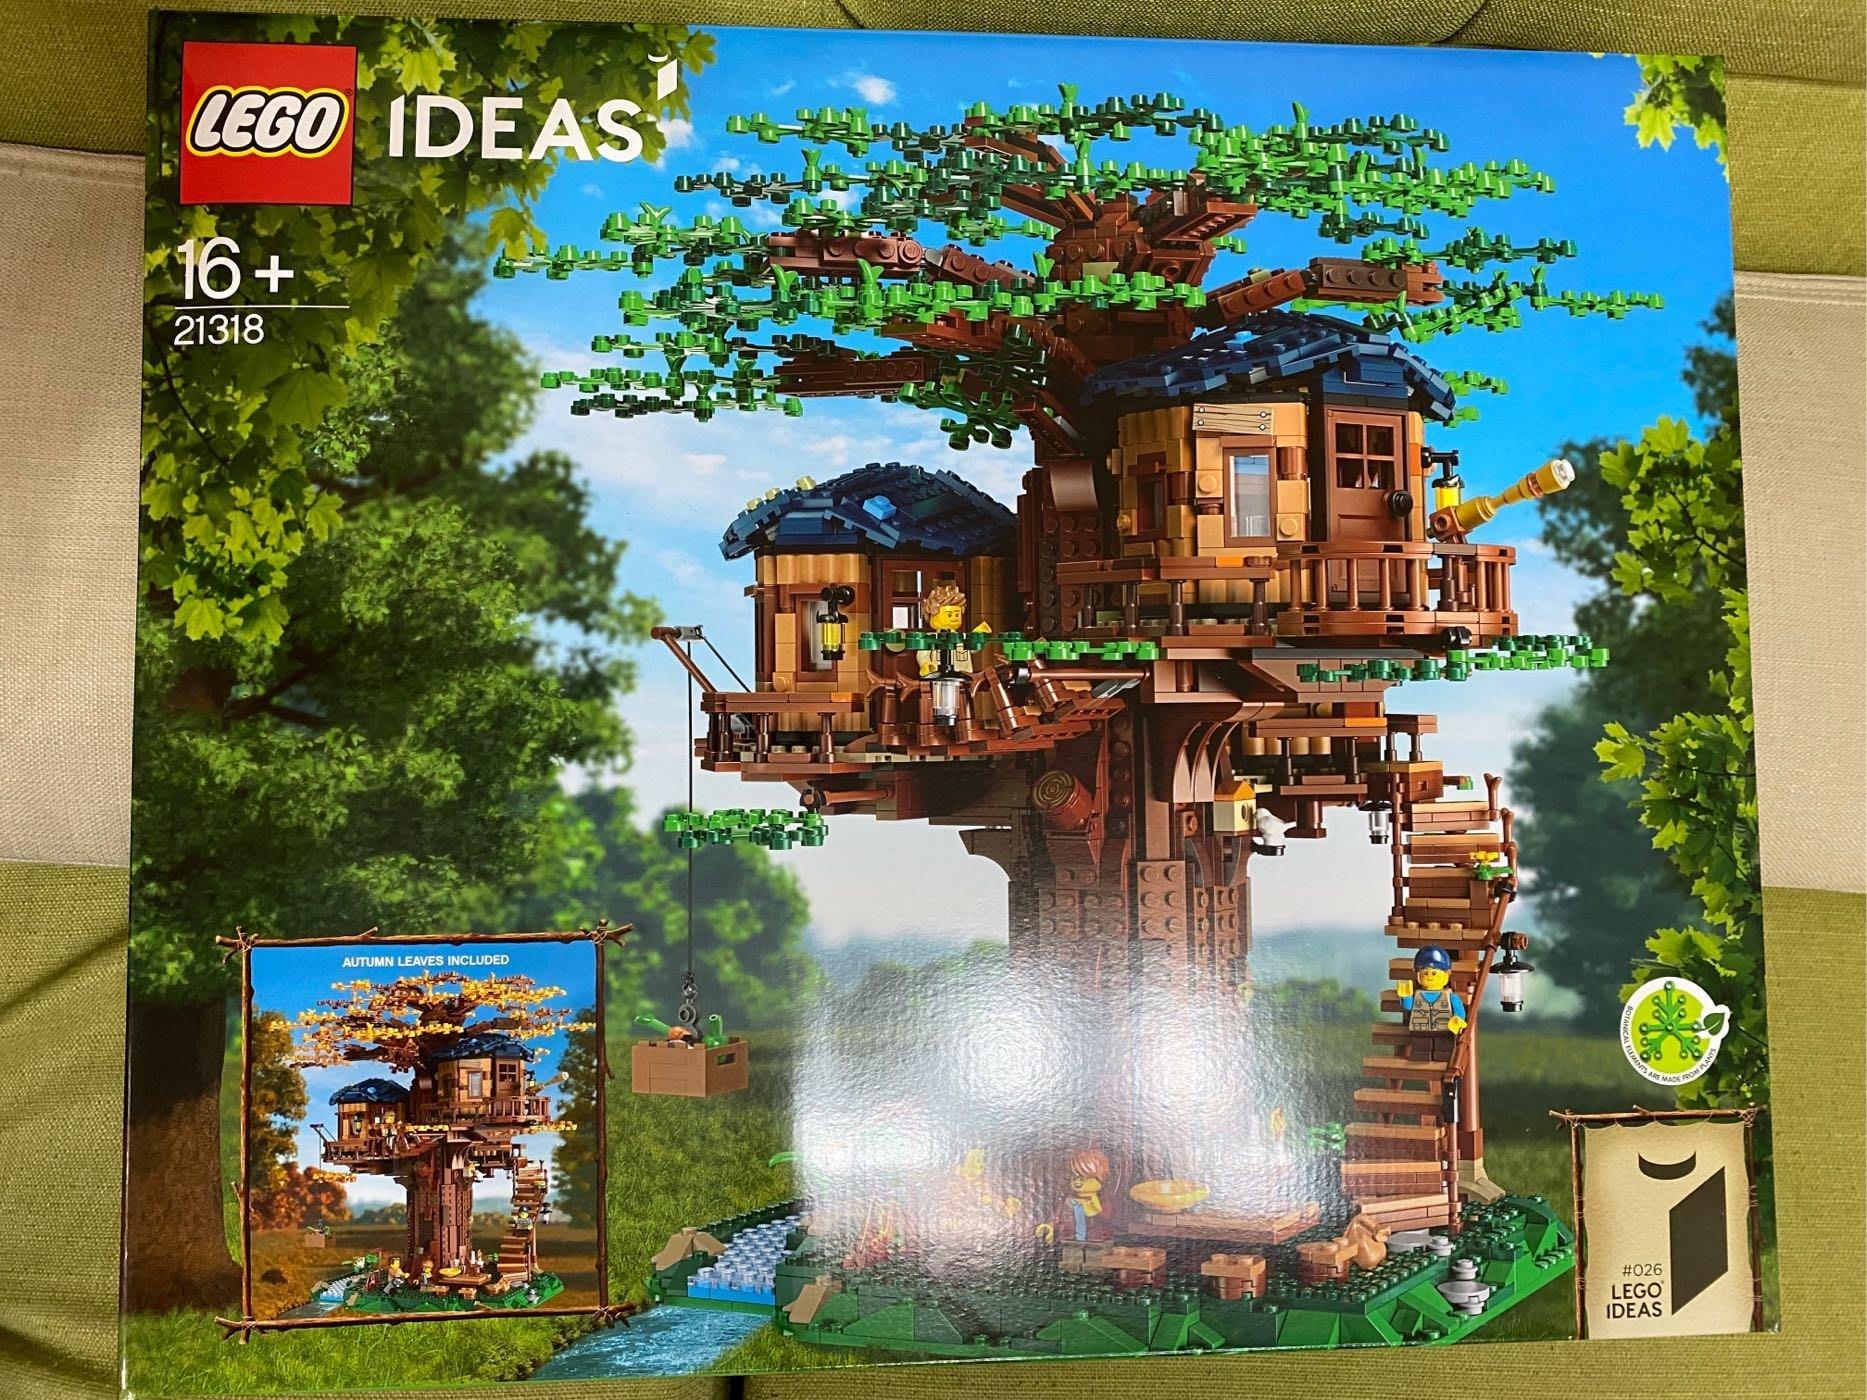 樂高 Lego 21318 樹屋  IDEAS 系列( 全新未拆)